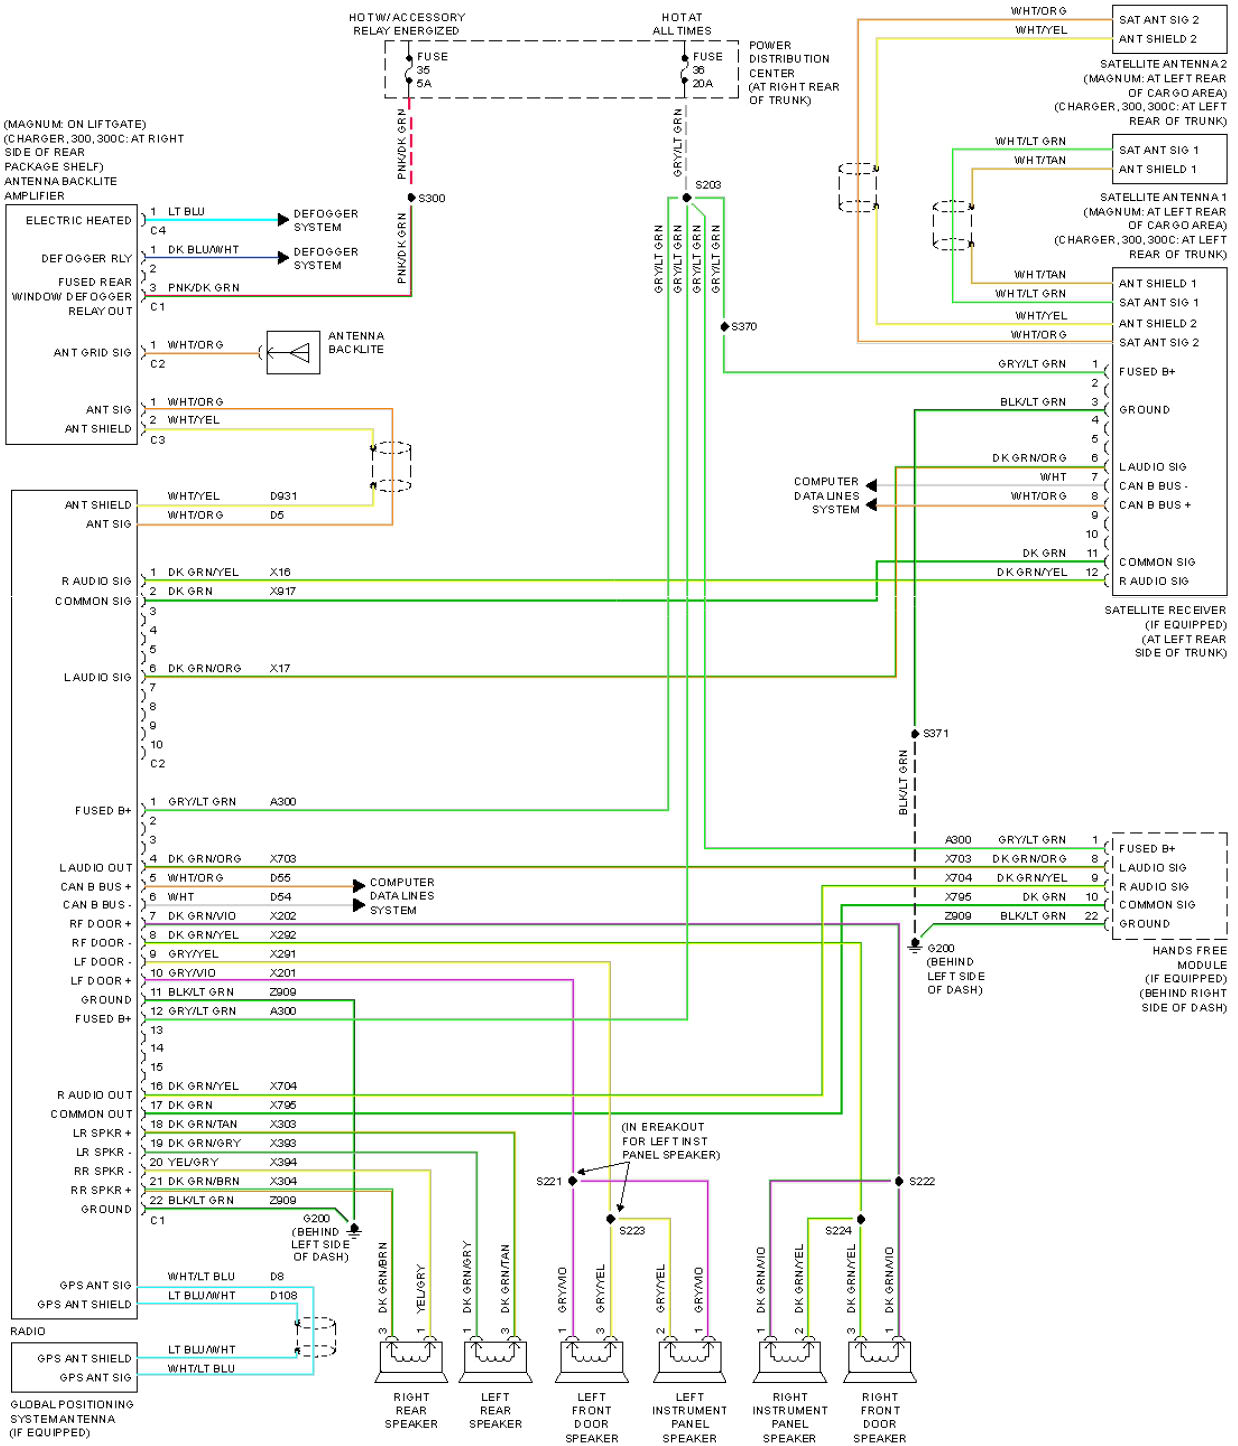 dodge ram car radio wiring diagram wiring diagram 2001 dodge durango stereo wiring diagram solidfonts